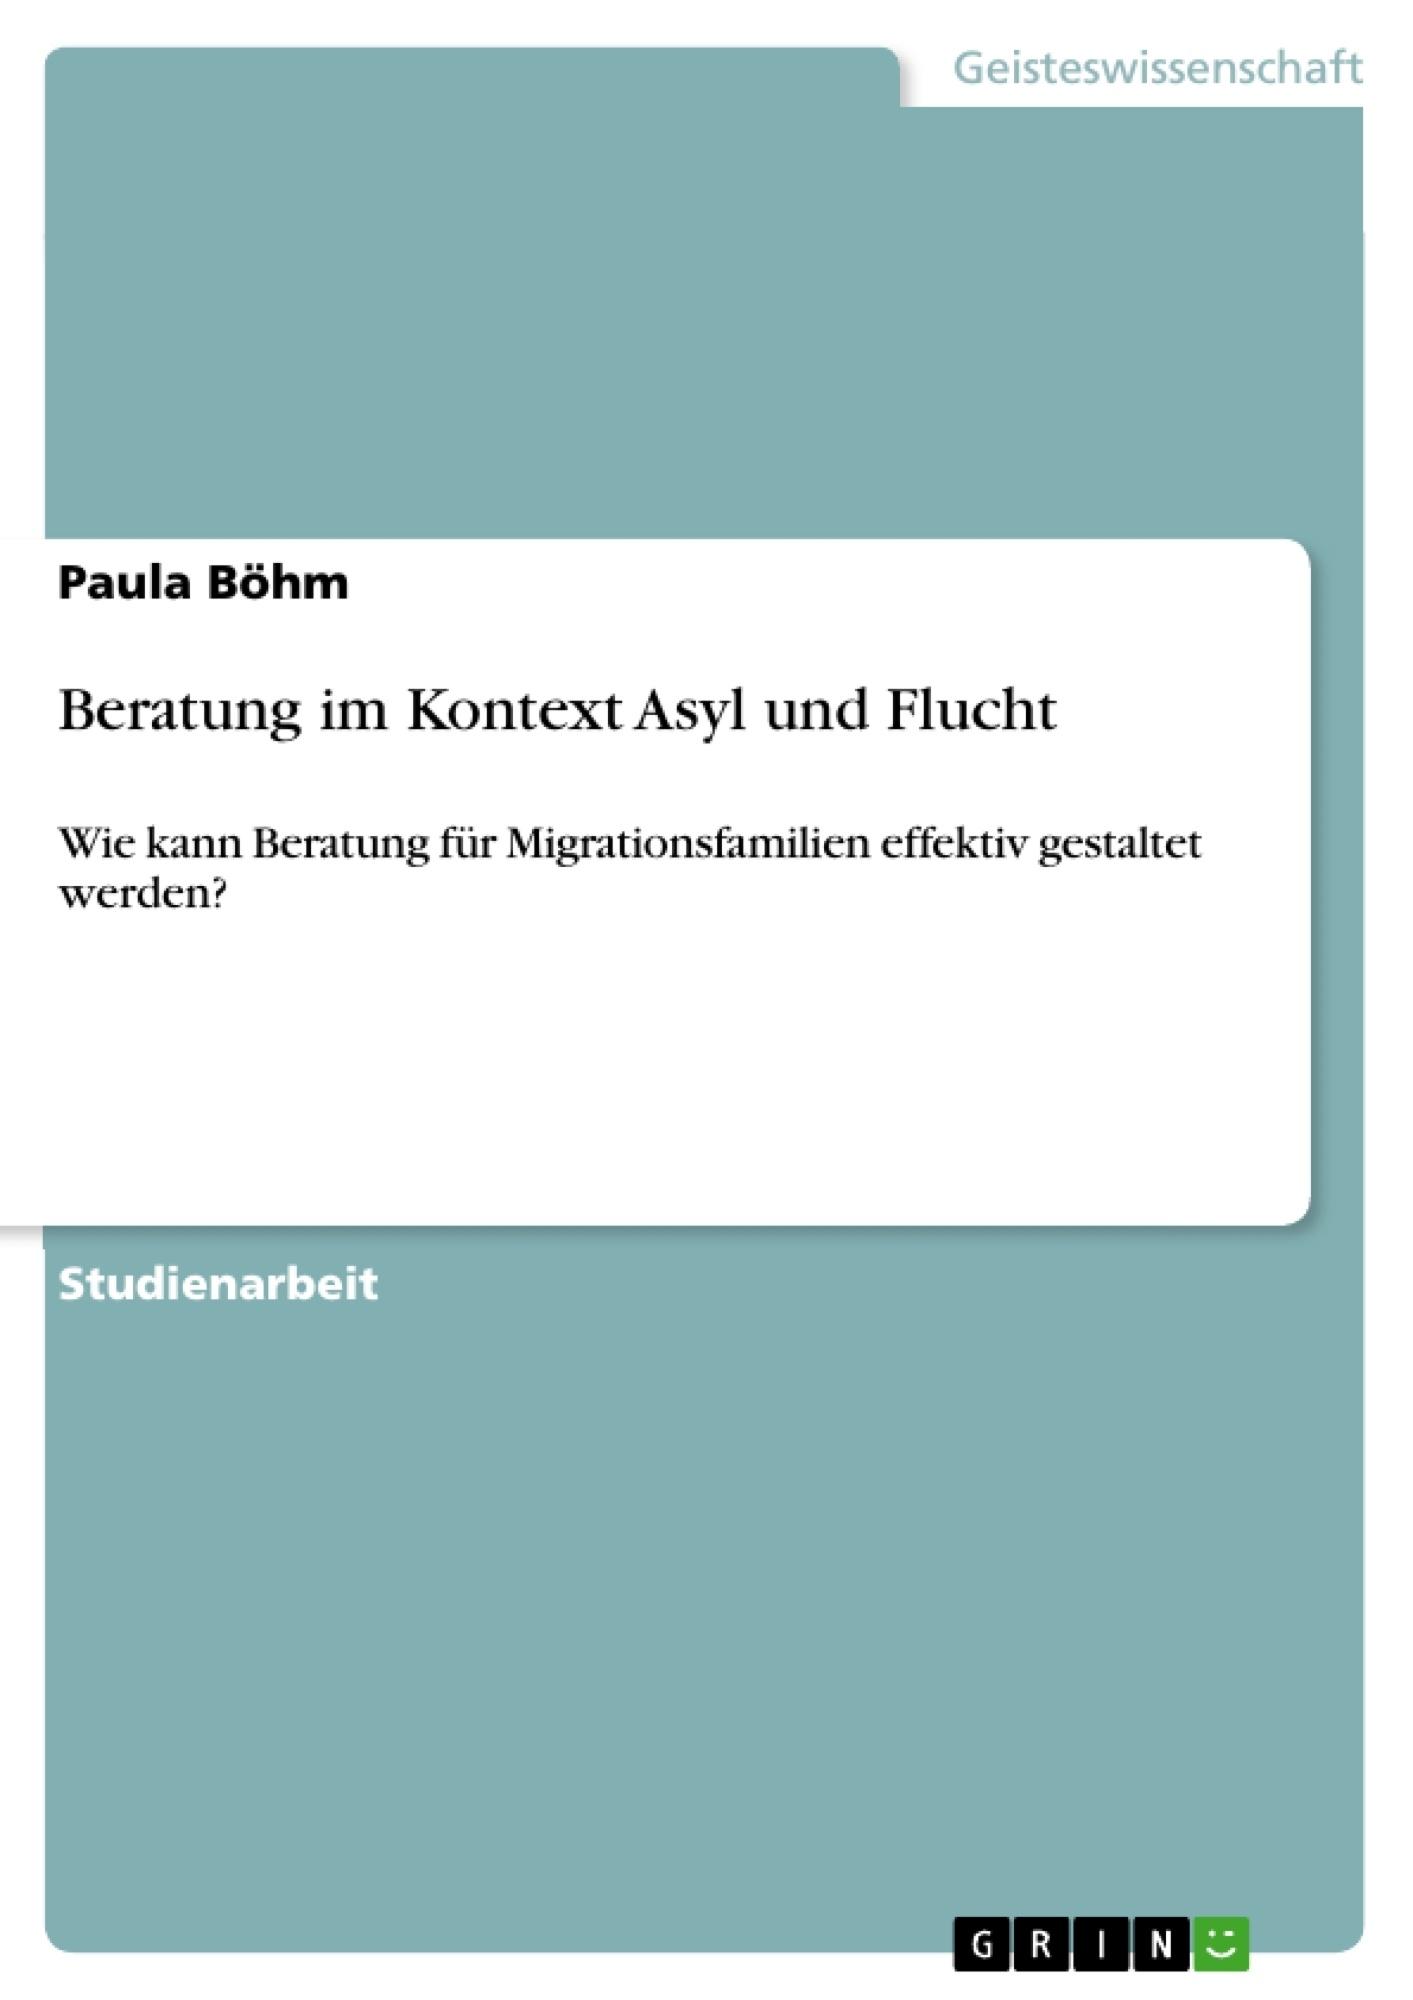 Titel: Beratung im Kontext Asyl und Flucht